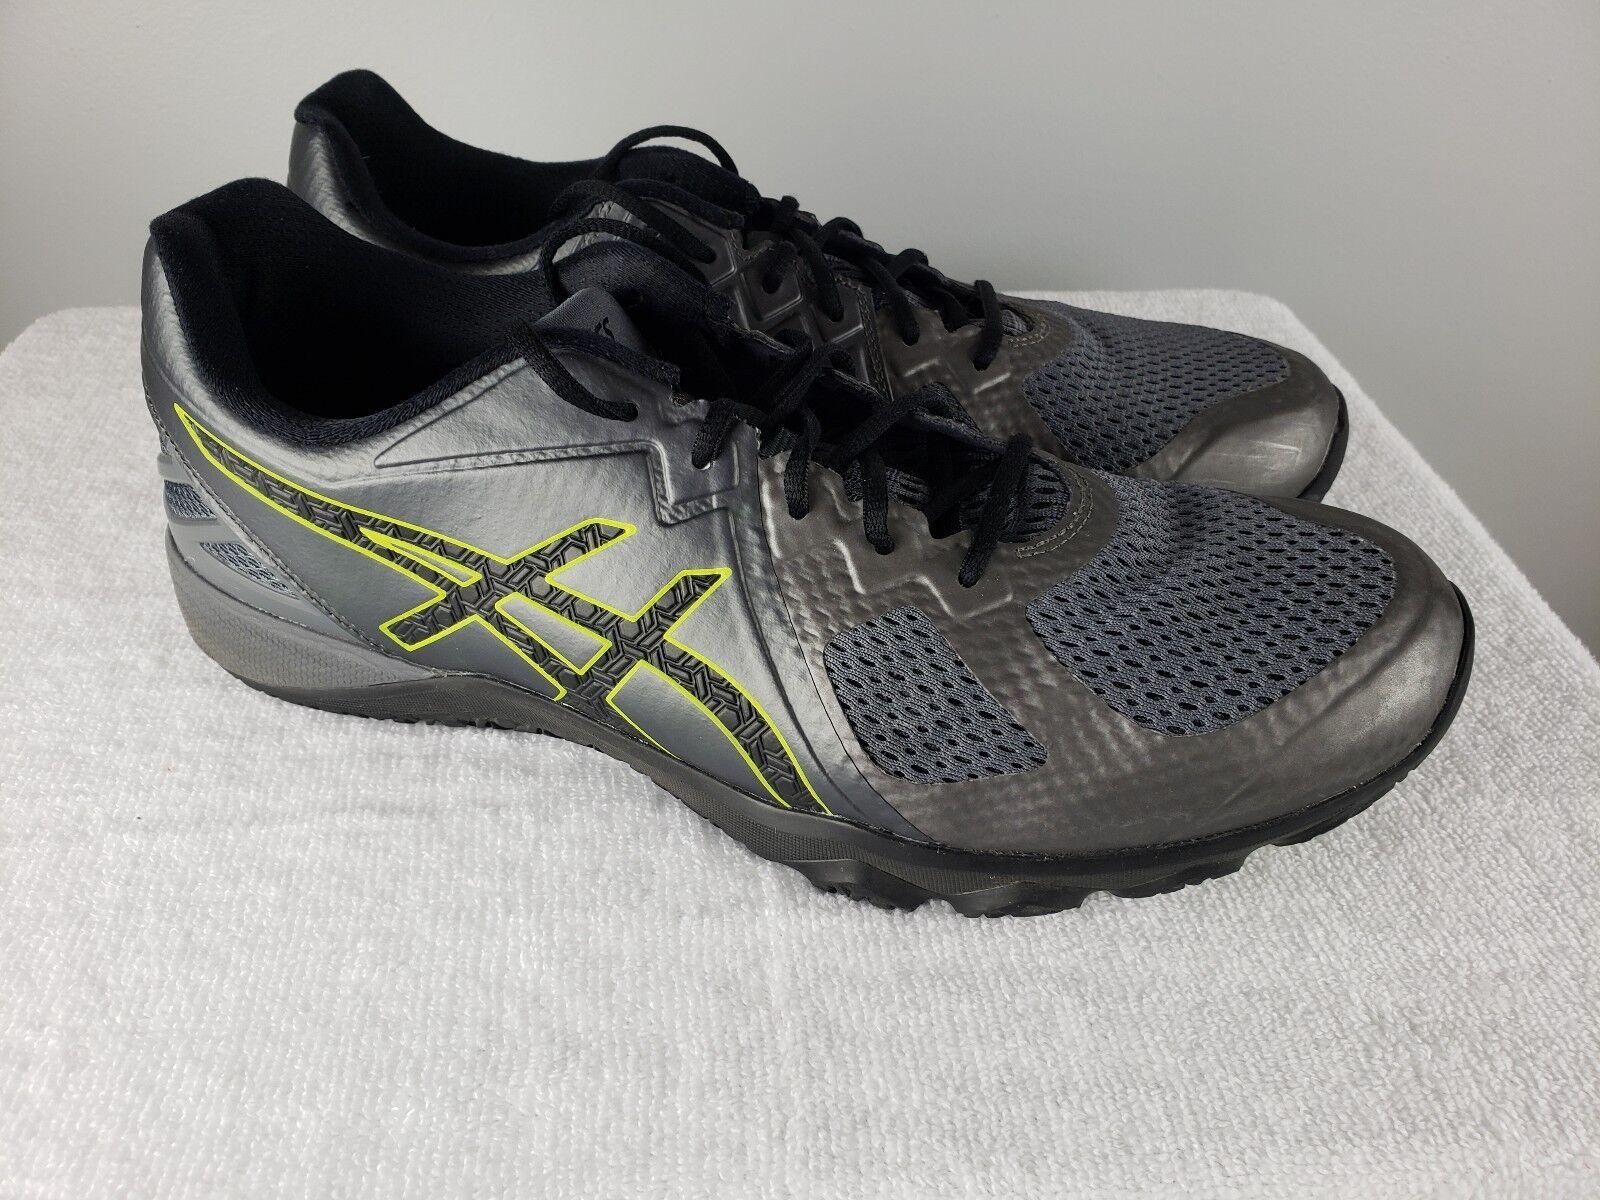 Men's Asics shoes Size 11.5 S703N-9790 Conviction X Carbon Black Training